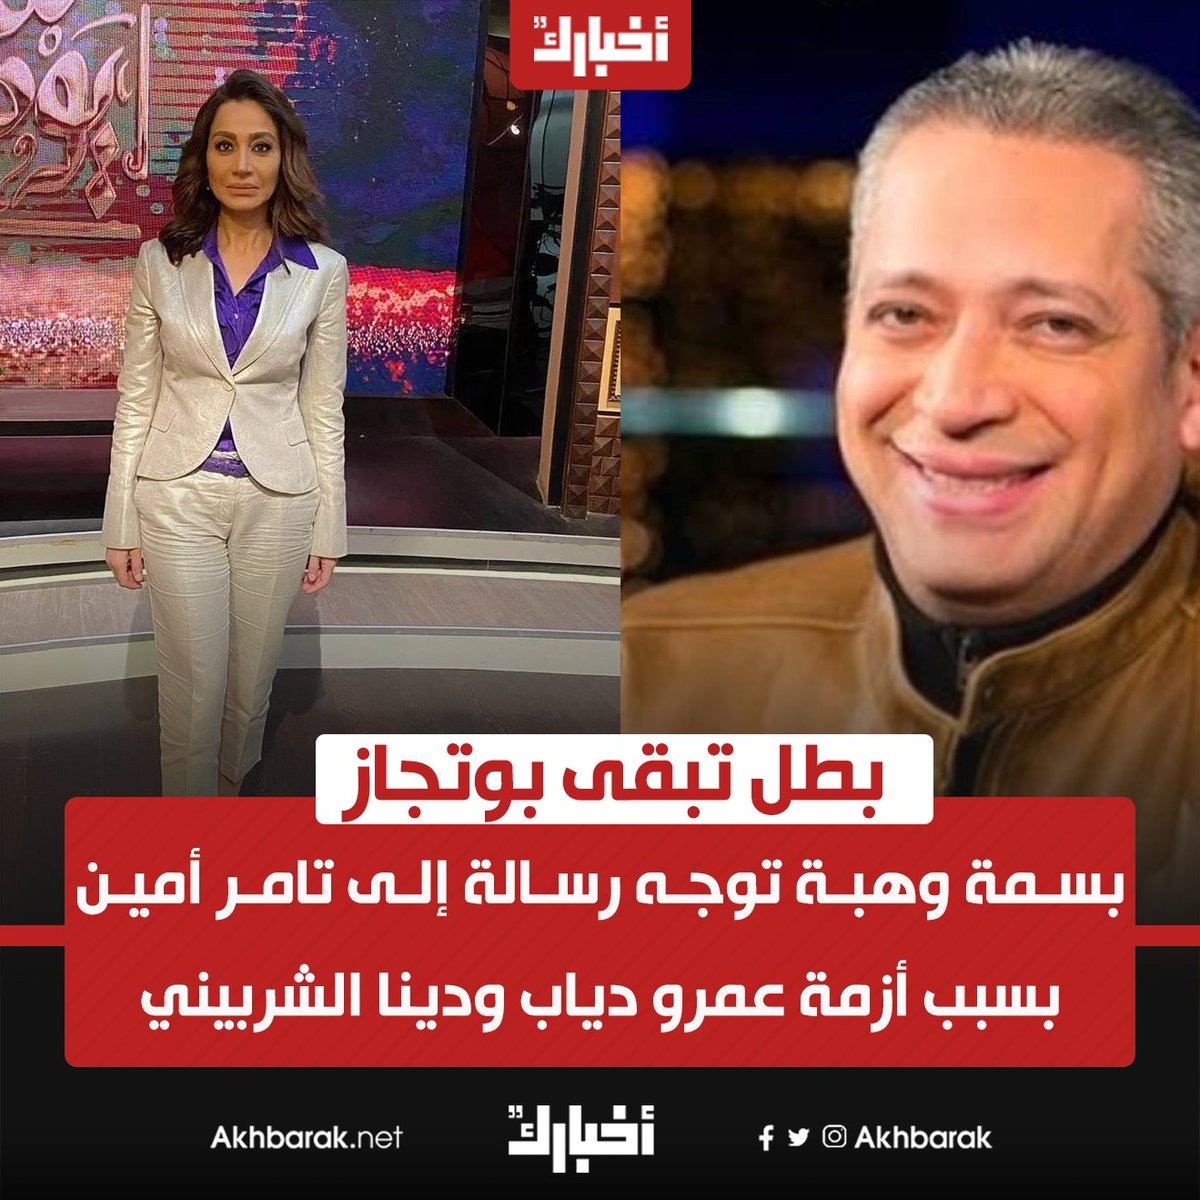 بسمة وهبة توجه رسالة إلى تامر أمين بسبب أزمة عمرو دياب ودينا الشربيني أخبار اليوم